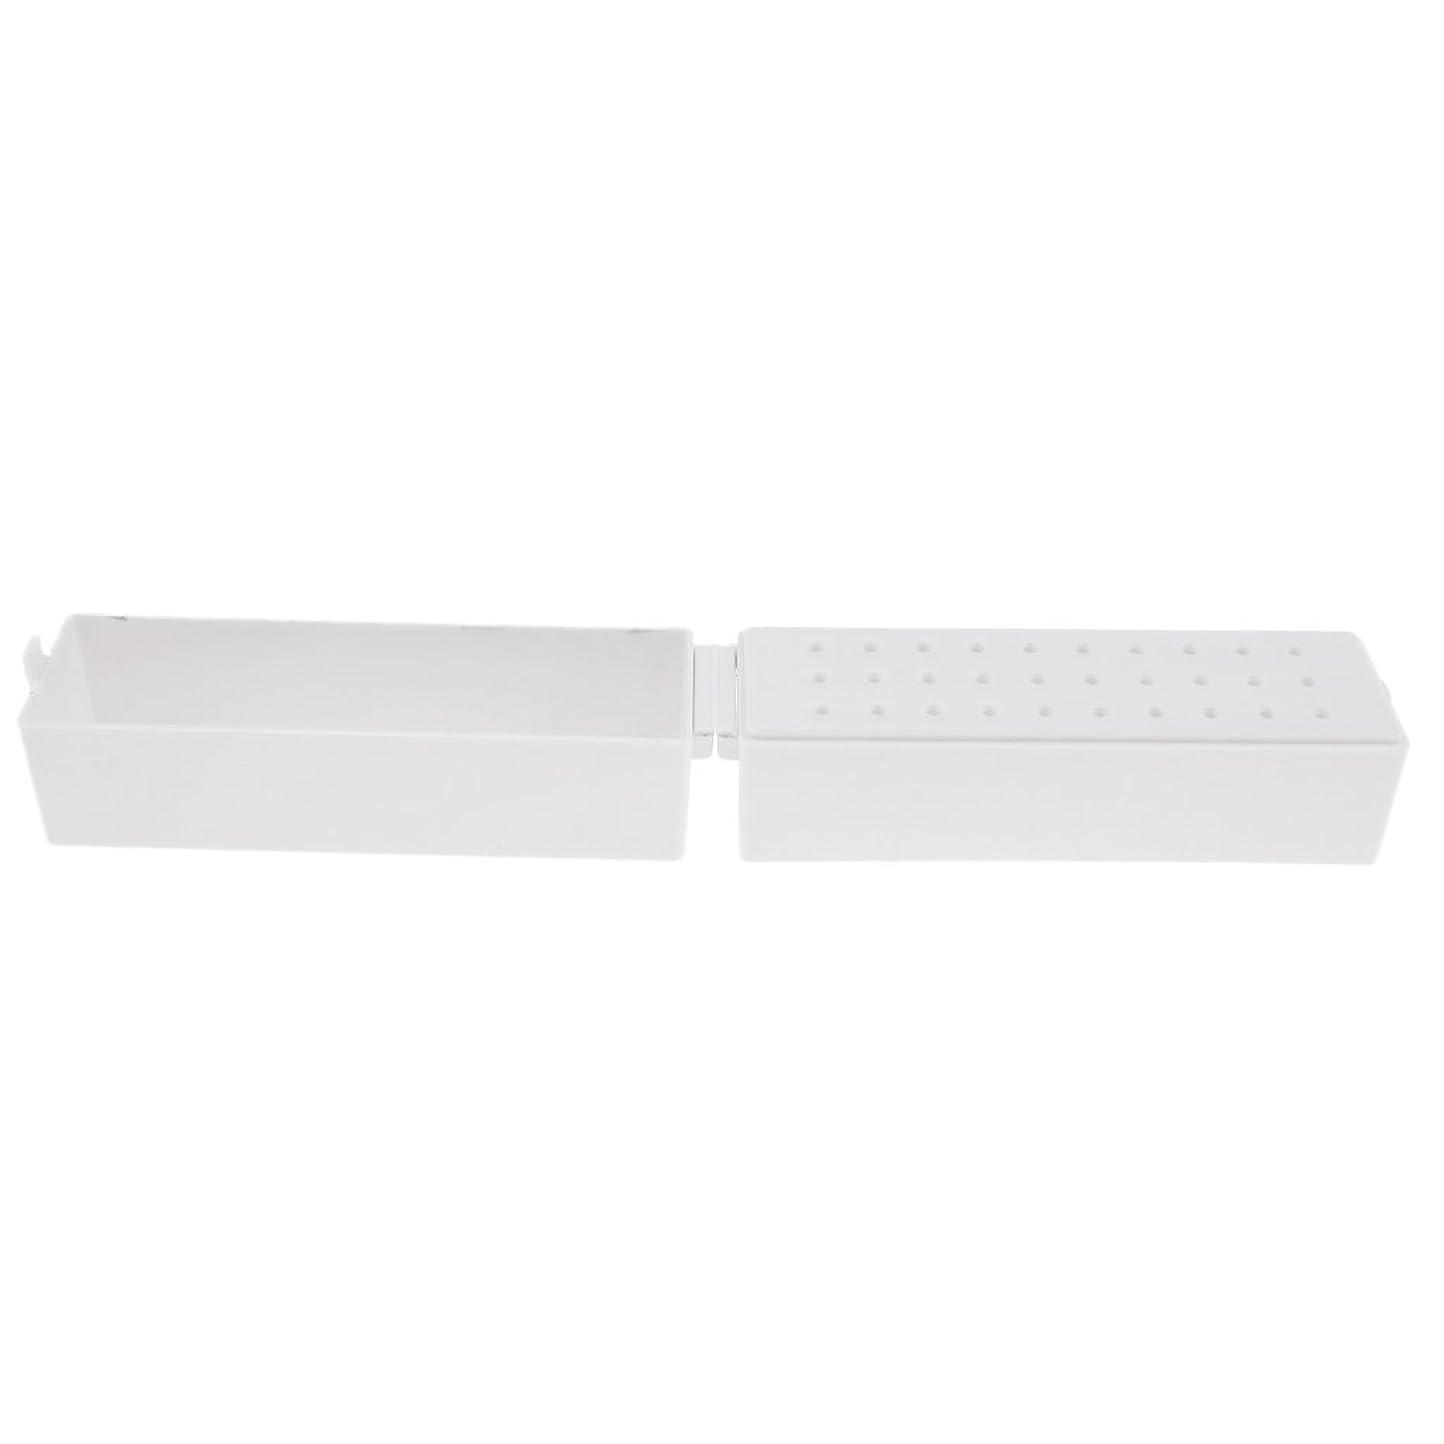 バルーン歯科医乱気流CUTICATE ドリルビットホルダー ドリルビットスタンド 収納オーガナイザー プラスチック ネイル道具